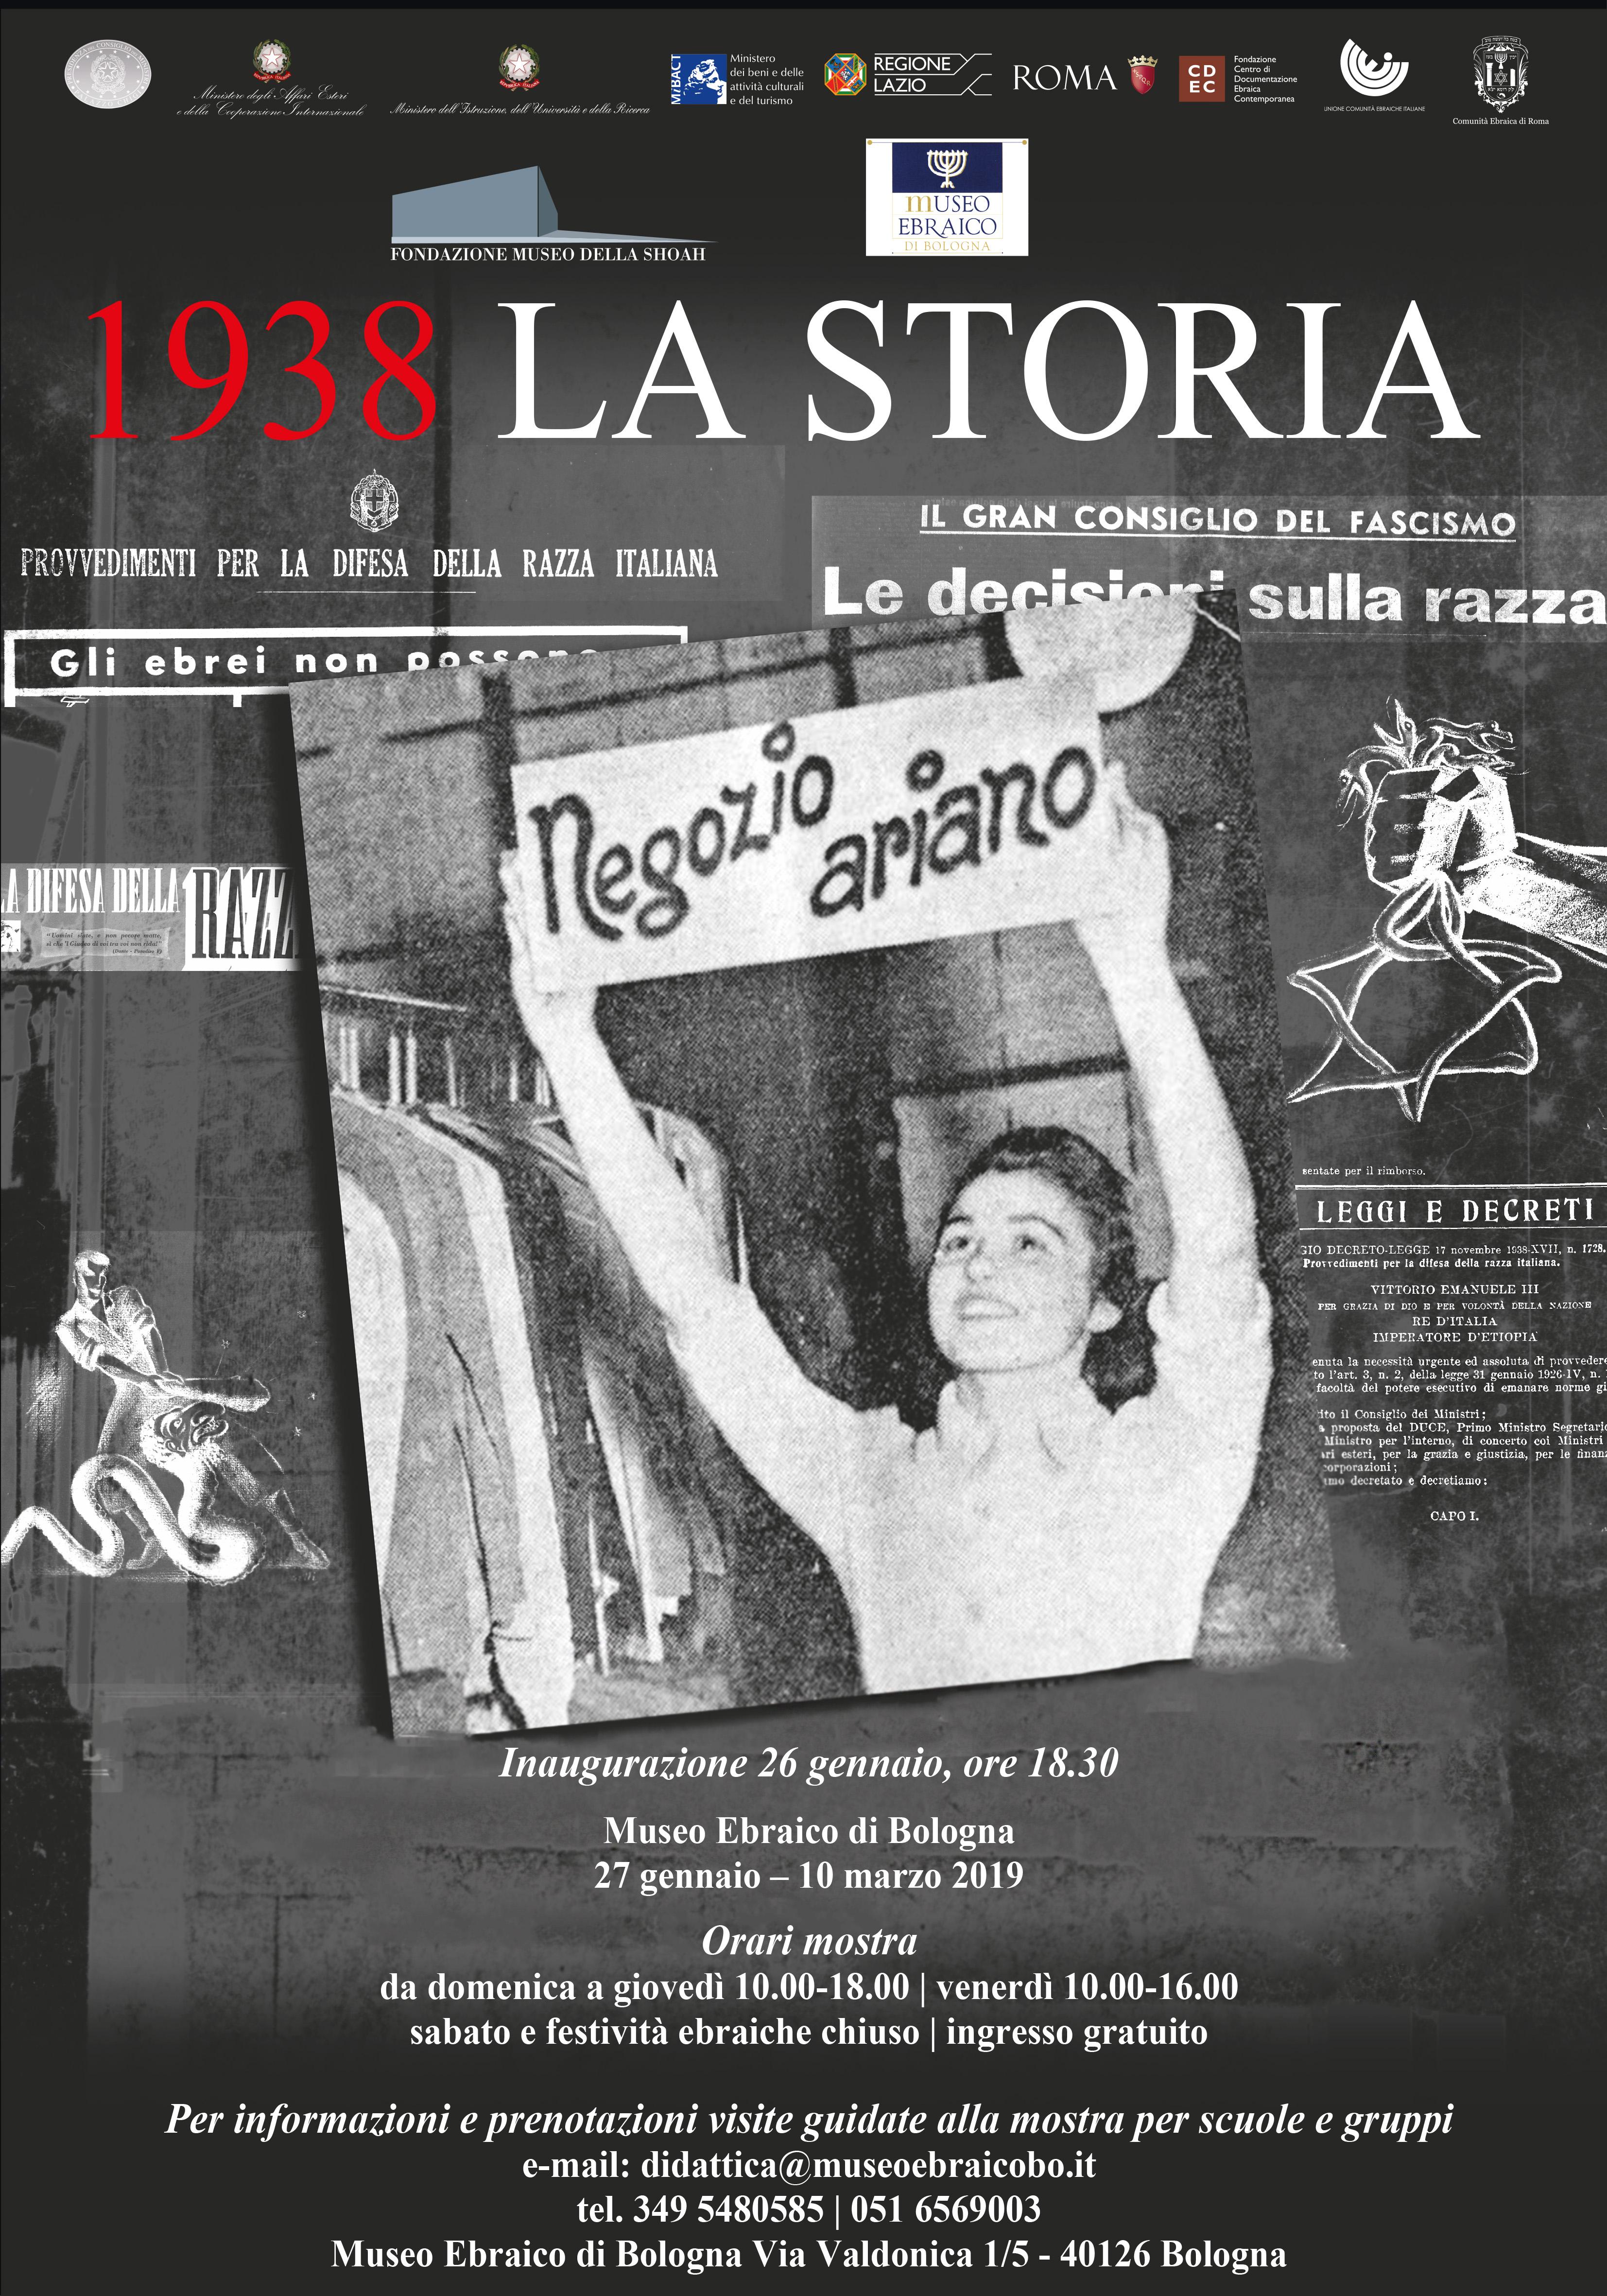 loc_1938 la Storia mostra 2018